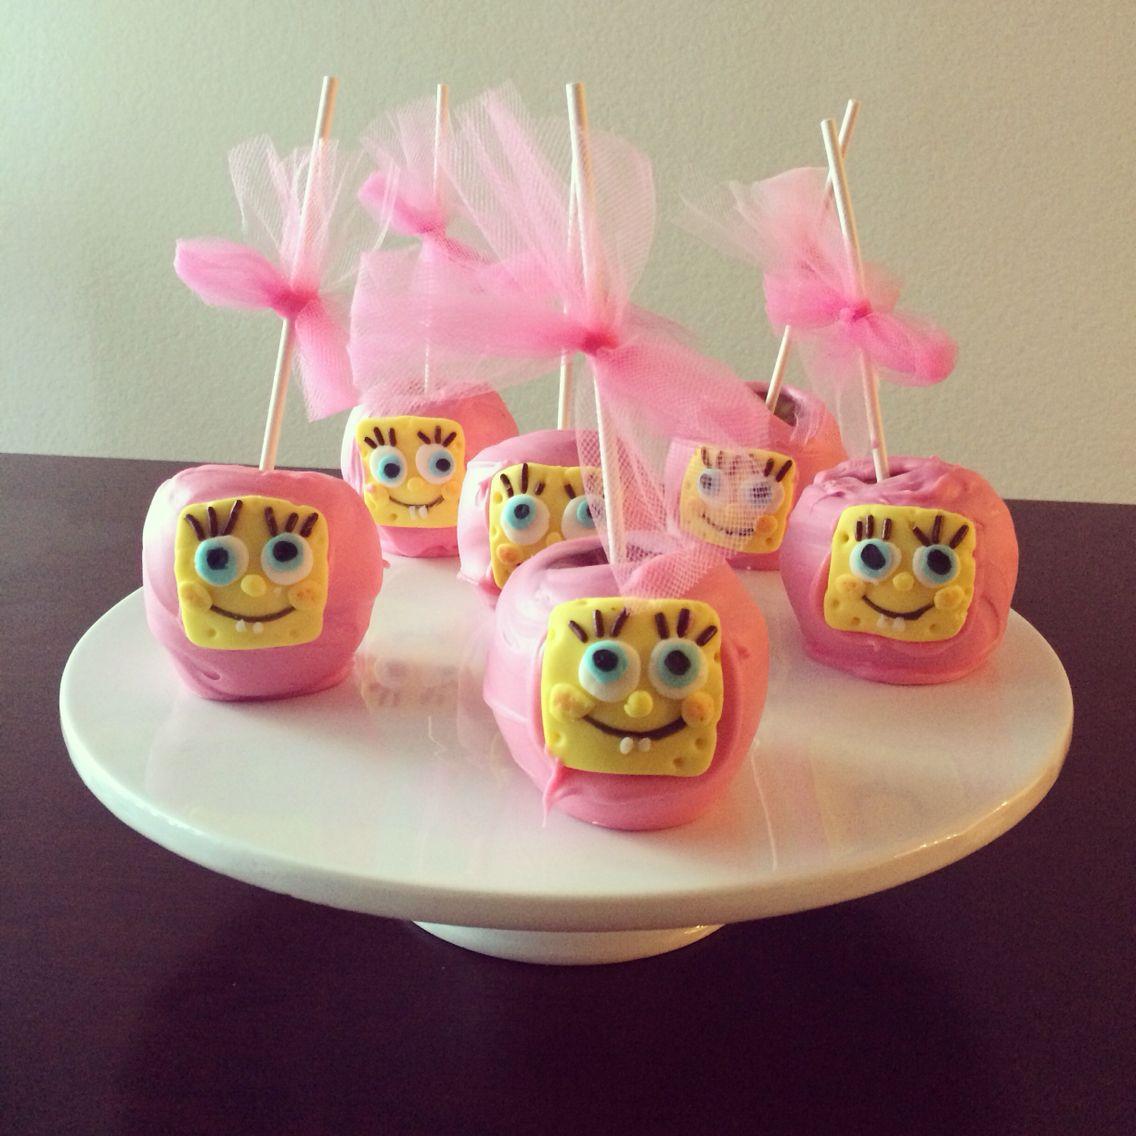 manazanas de chocolate rosa -bobesponja